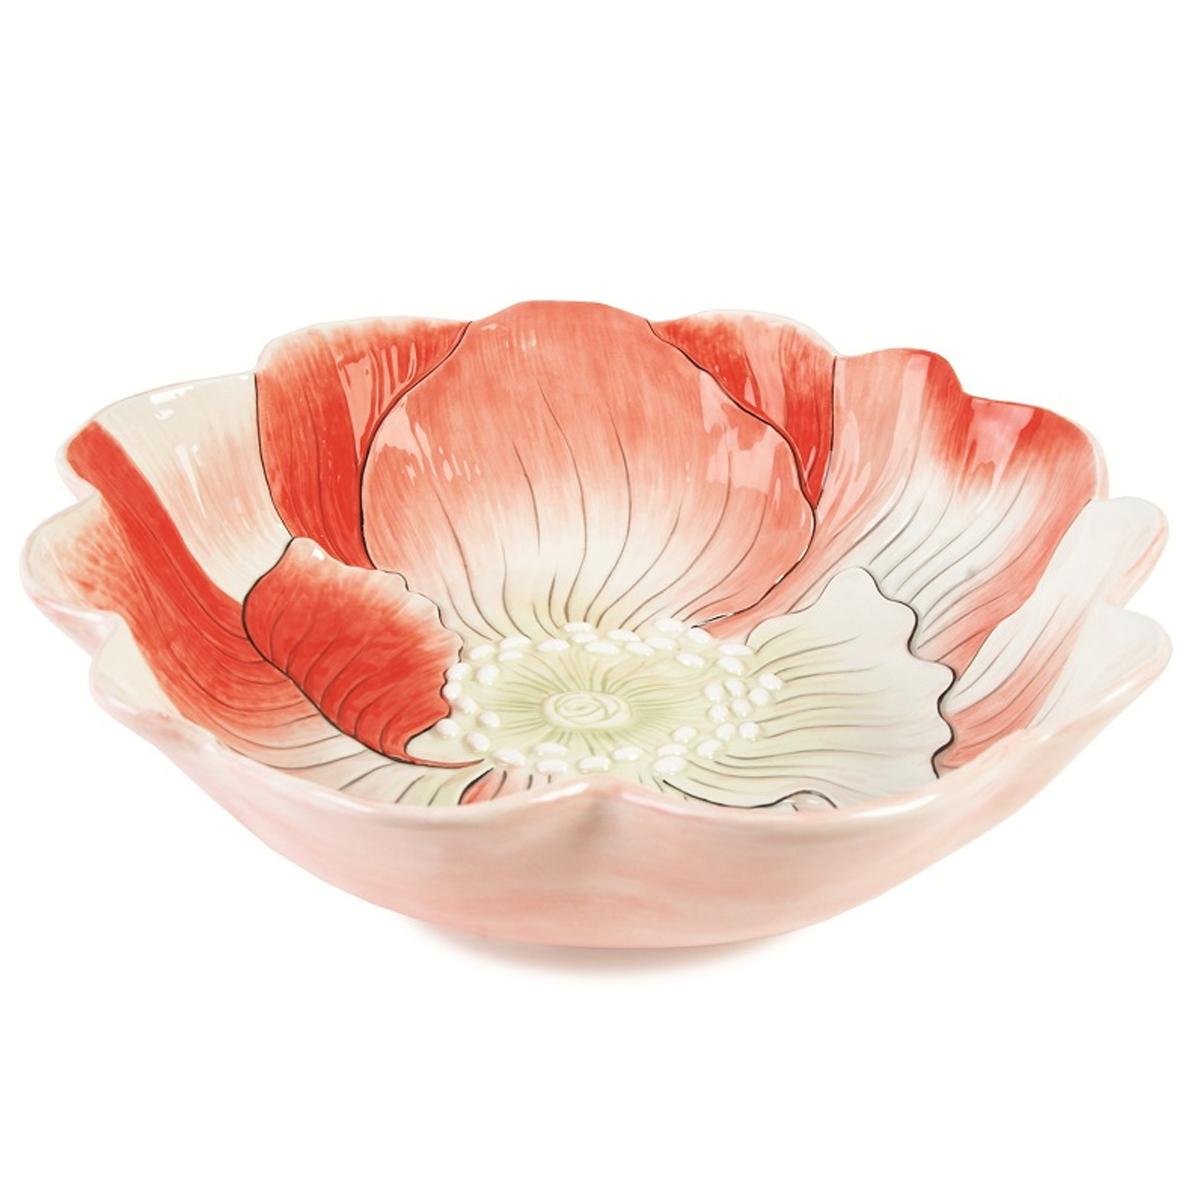 Блюдо Fitz and Floyd Гортензия, диаметр 39 см20-319Блюдо Fitz and Floyd Гортензия изготовлено из высококачественной керамики и выполнено в виде цветка.Такое оригинальное блюдо идеально подойдет для красивой сервировки стола. Рекомендуется мыть вручную с использованием неабразивных моющих средств. Размер блюда: 39 см х 39 см х 10,5 см.